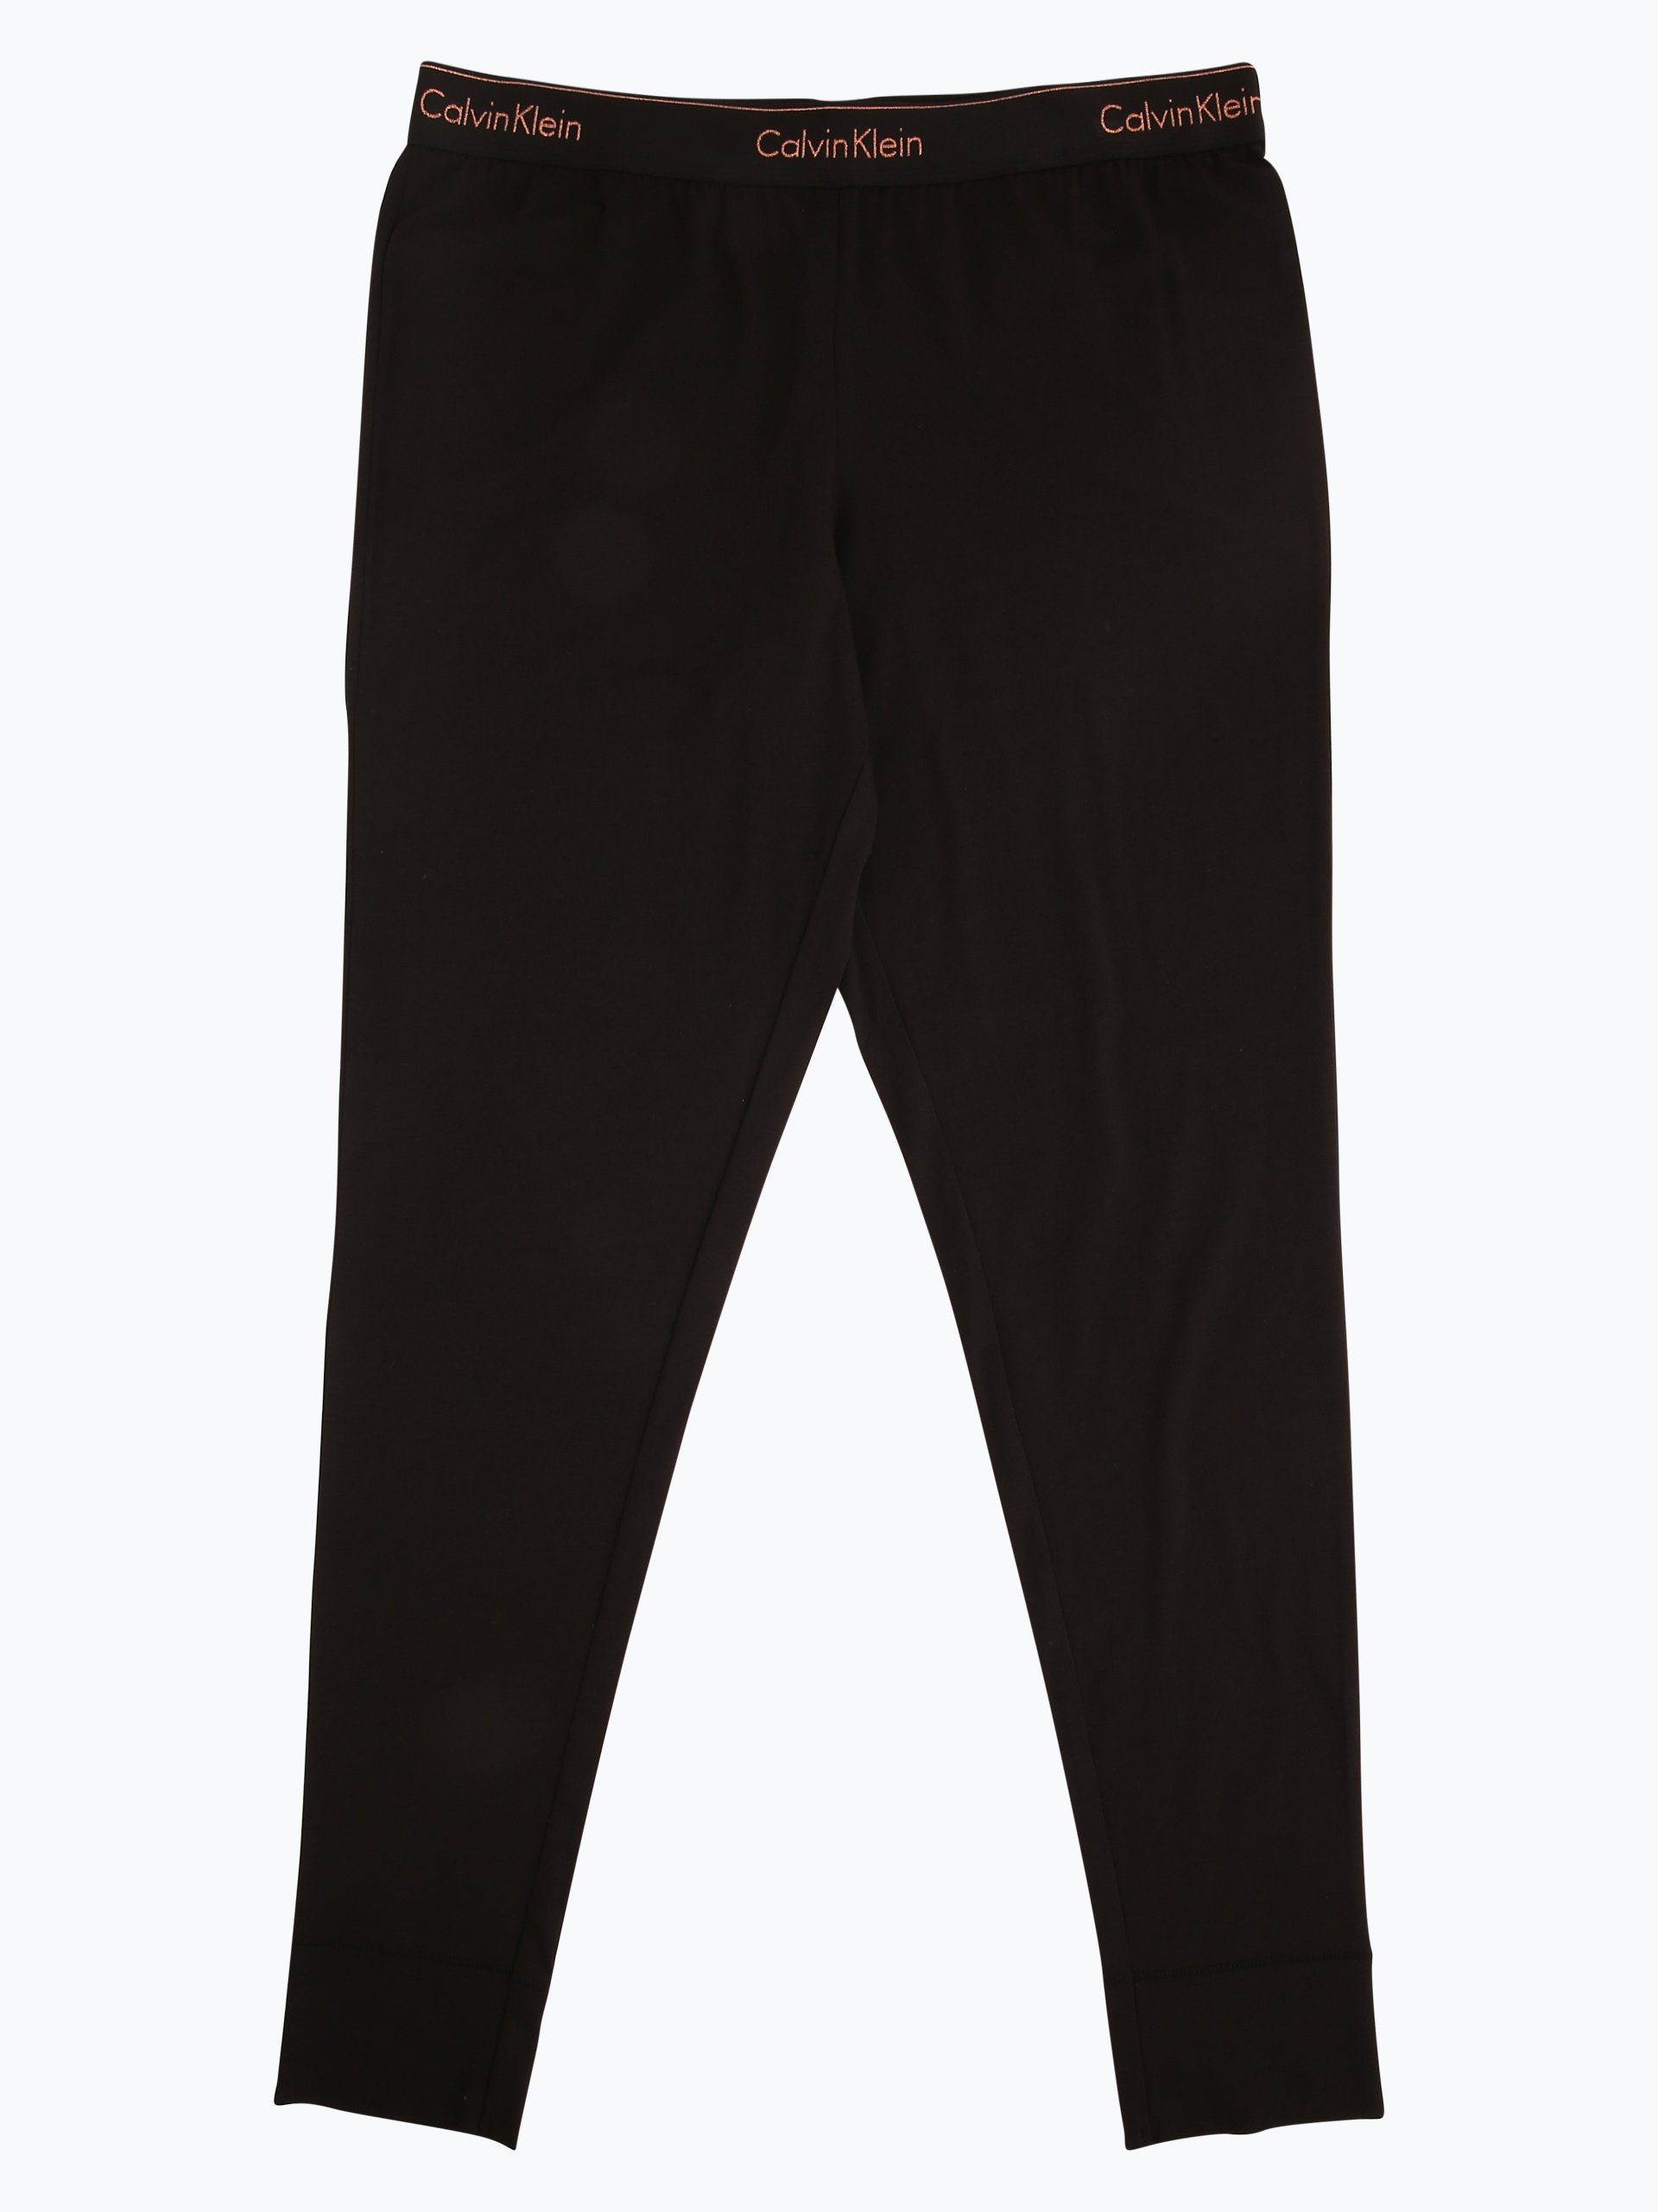 calvin klein damen pyjama hose schwarz uni online kaufen. Black Bedroom Furniture Sets. Home Design Ideas